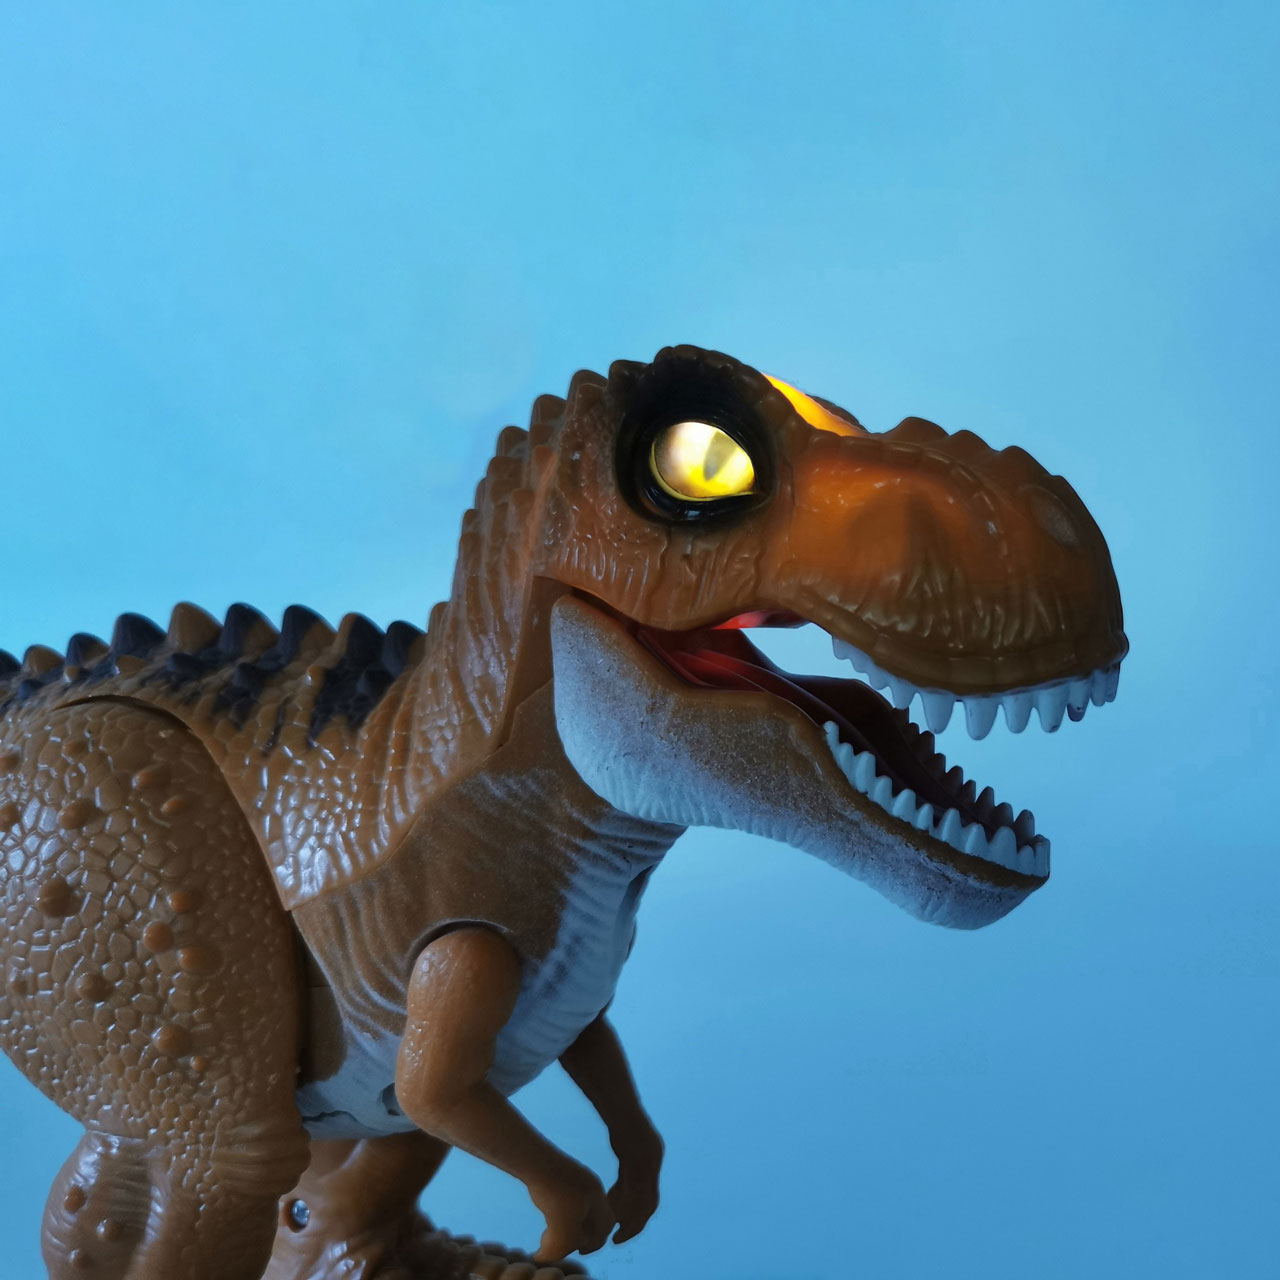 ラジコンの恐竜ロボット「RCディノ」目が光る ティラノサウルスに抜け目がございません。夜でも捕食します〜